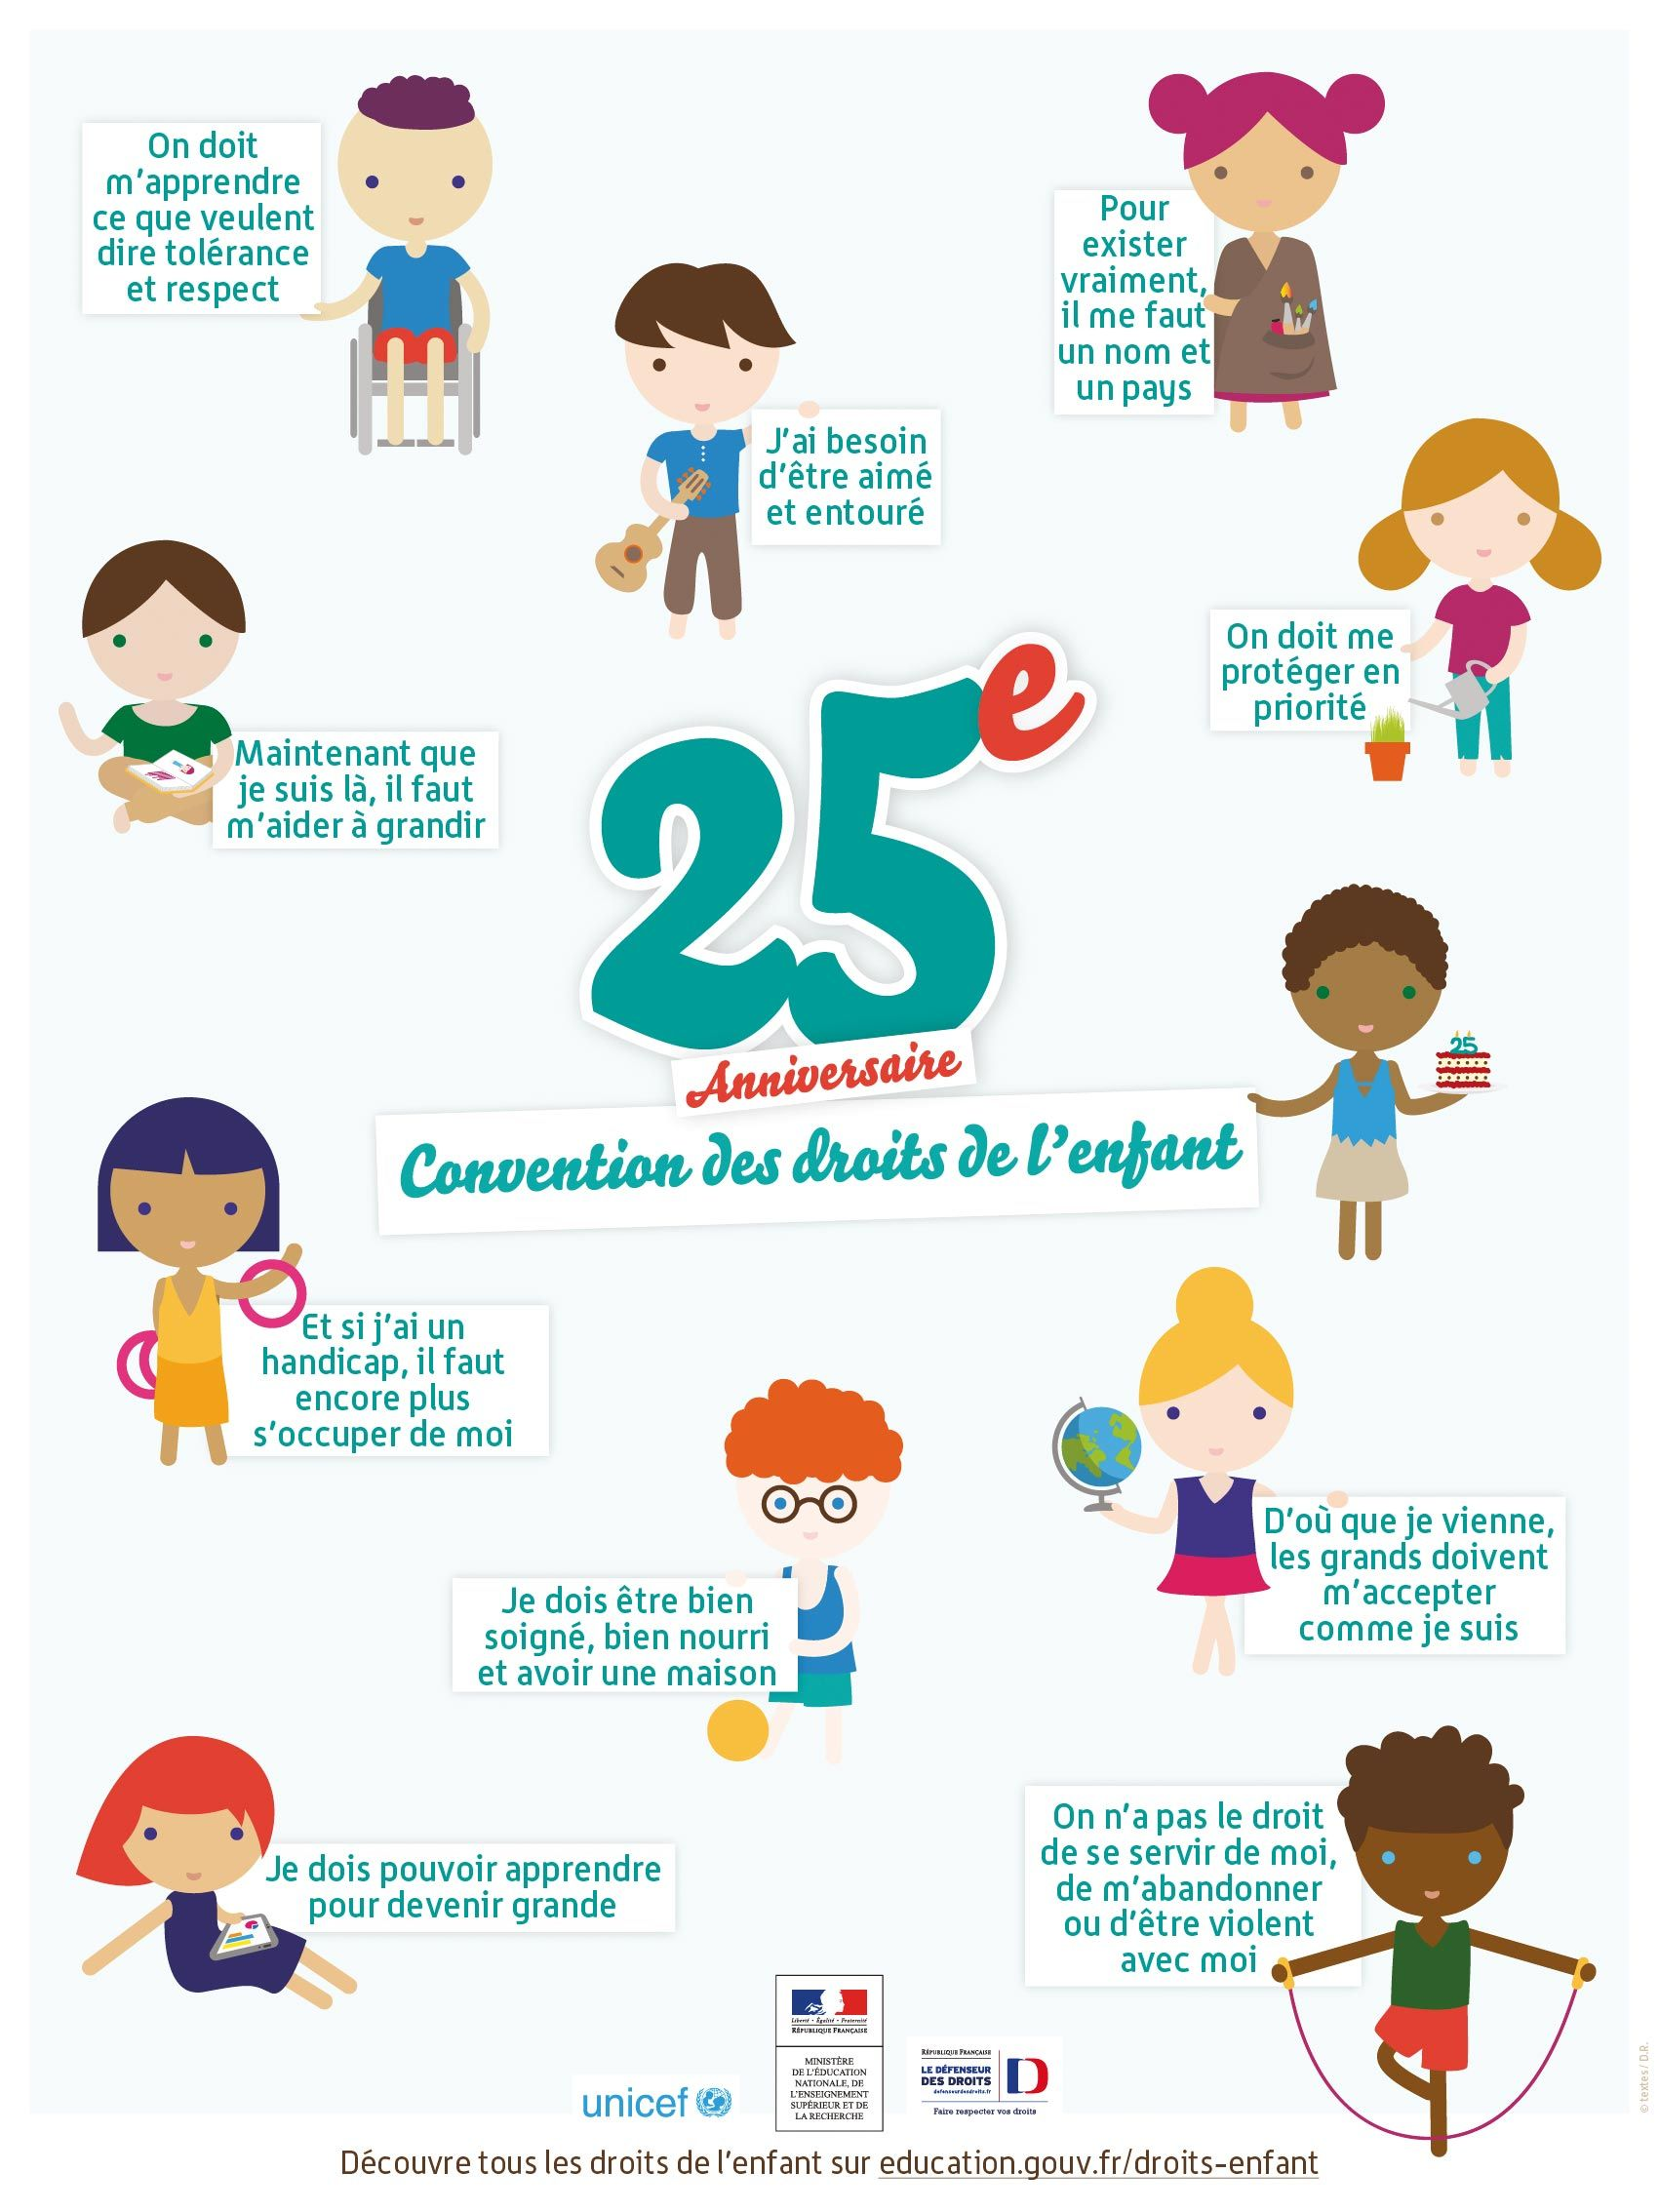 <stamp theme='his-green2'>Doc. 1</stamp> L'Unicef célèbre les 25 ans de la Convention des droits de l'enfant